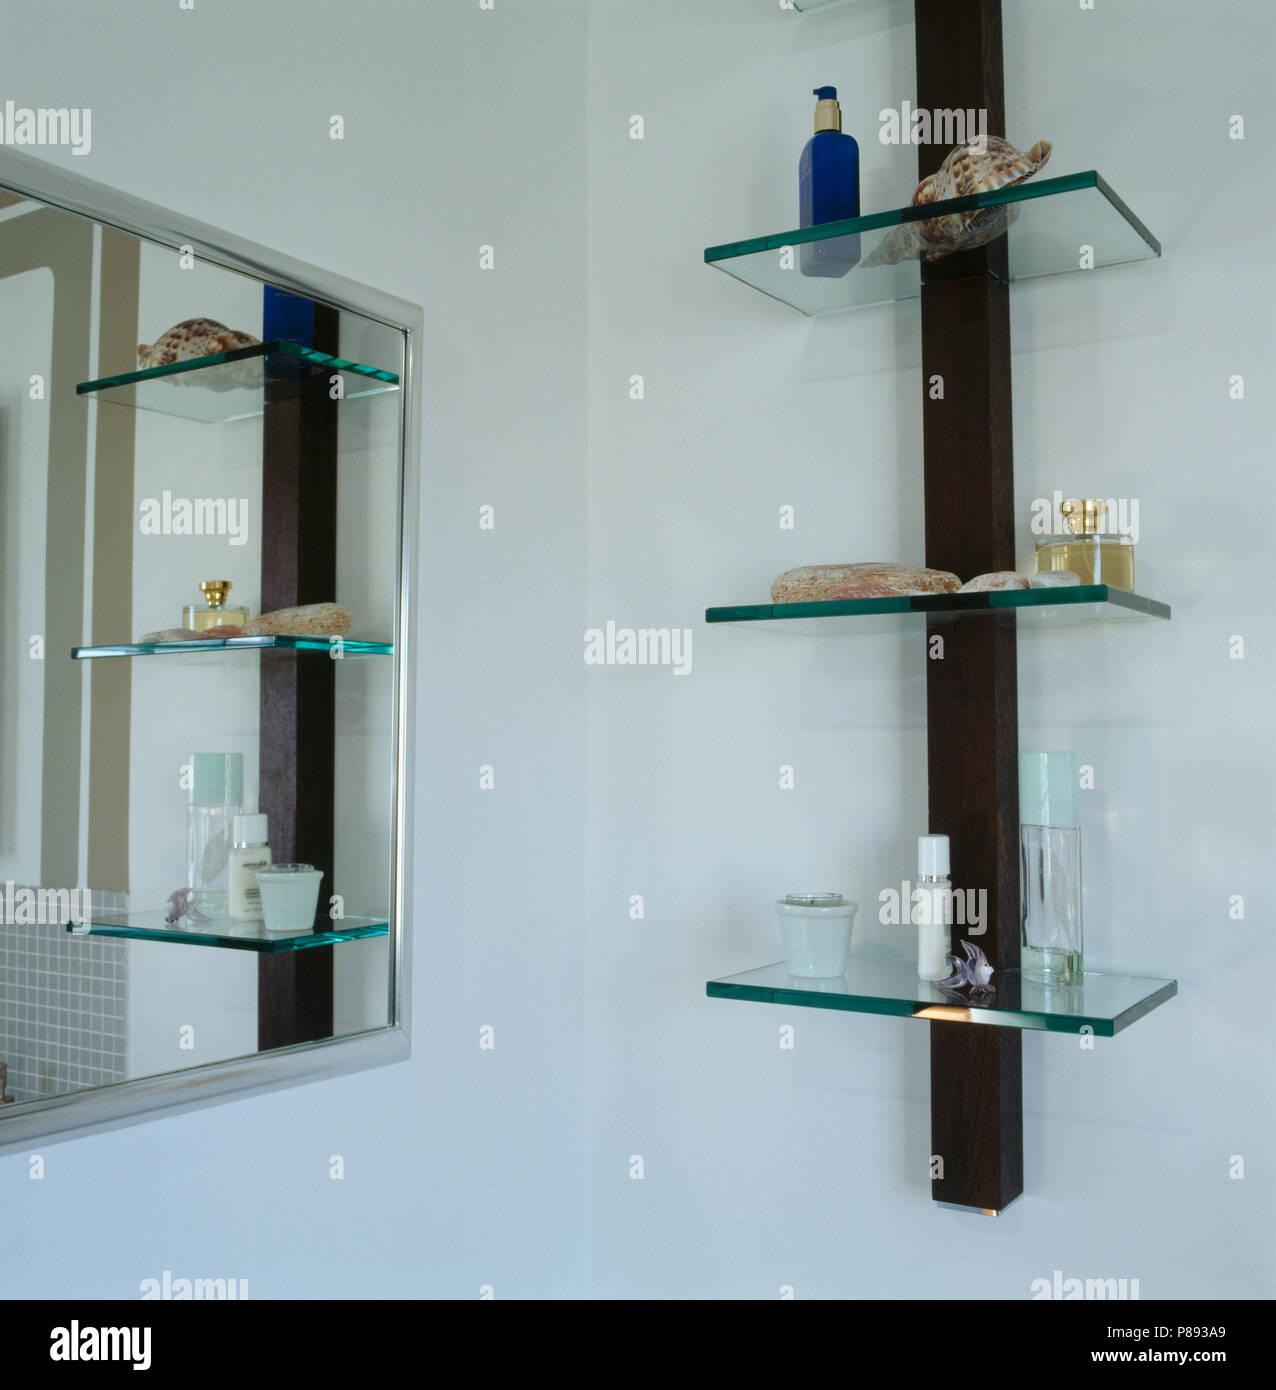 Spiegel und Glas Regale in der modernen Badezimmer Stockfoto, Bild ...